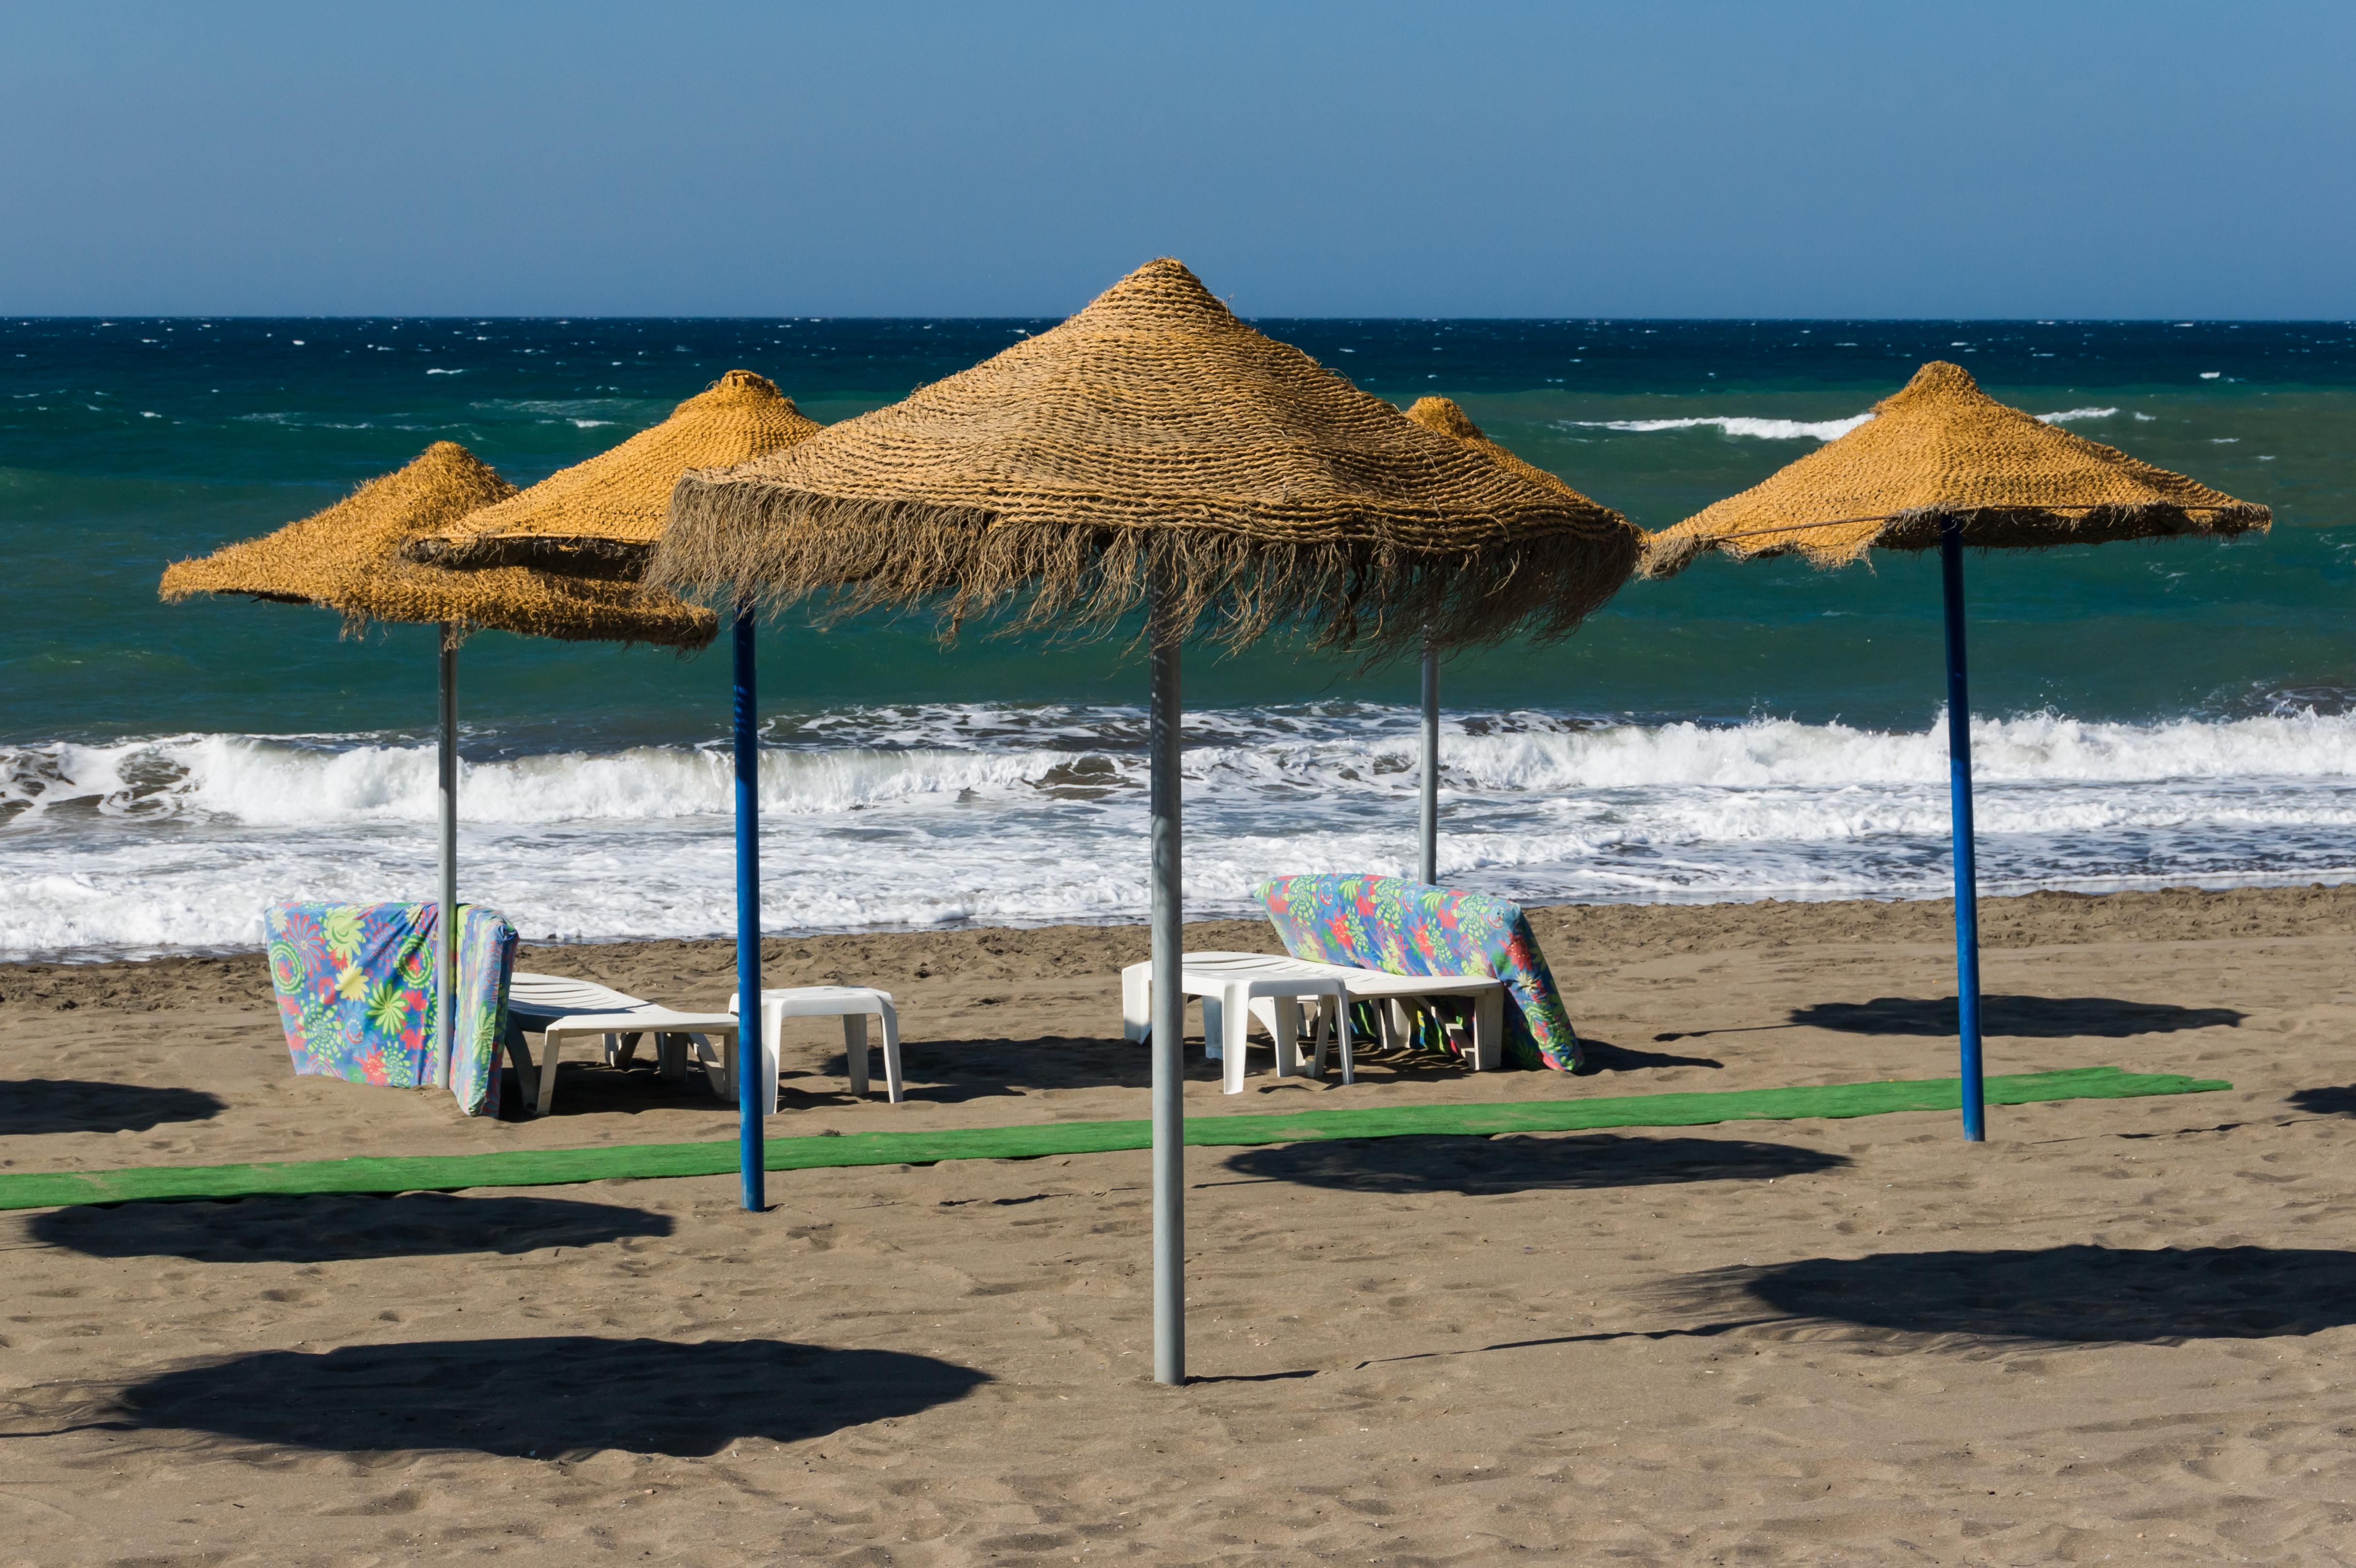 file:parasols, beach furniture, beach, rincon de la victoria, andalusia, NGZZMXH